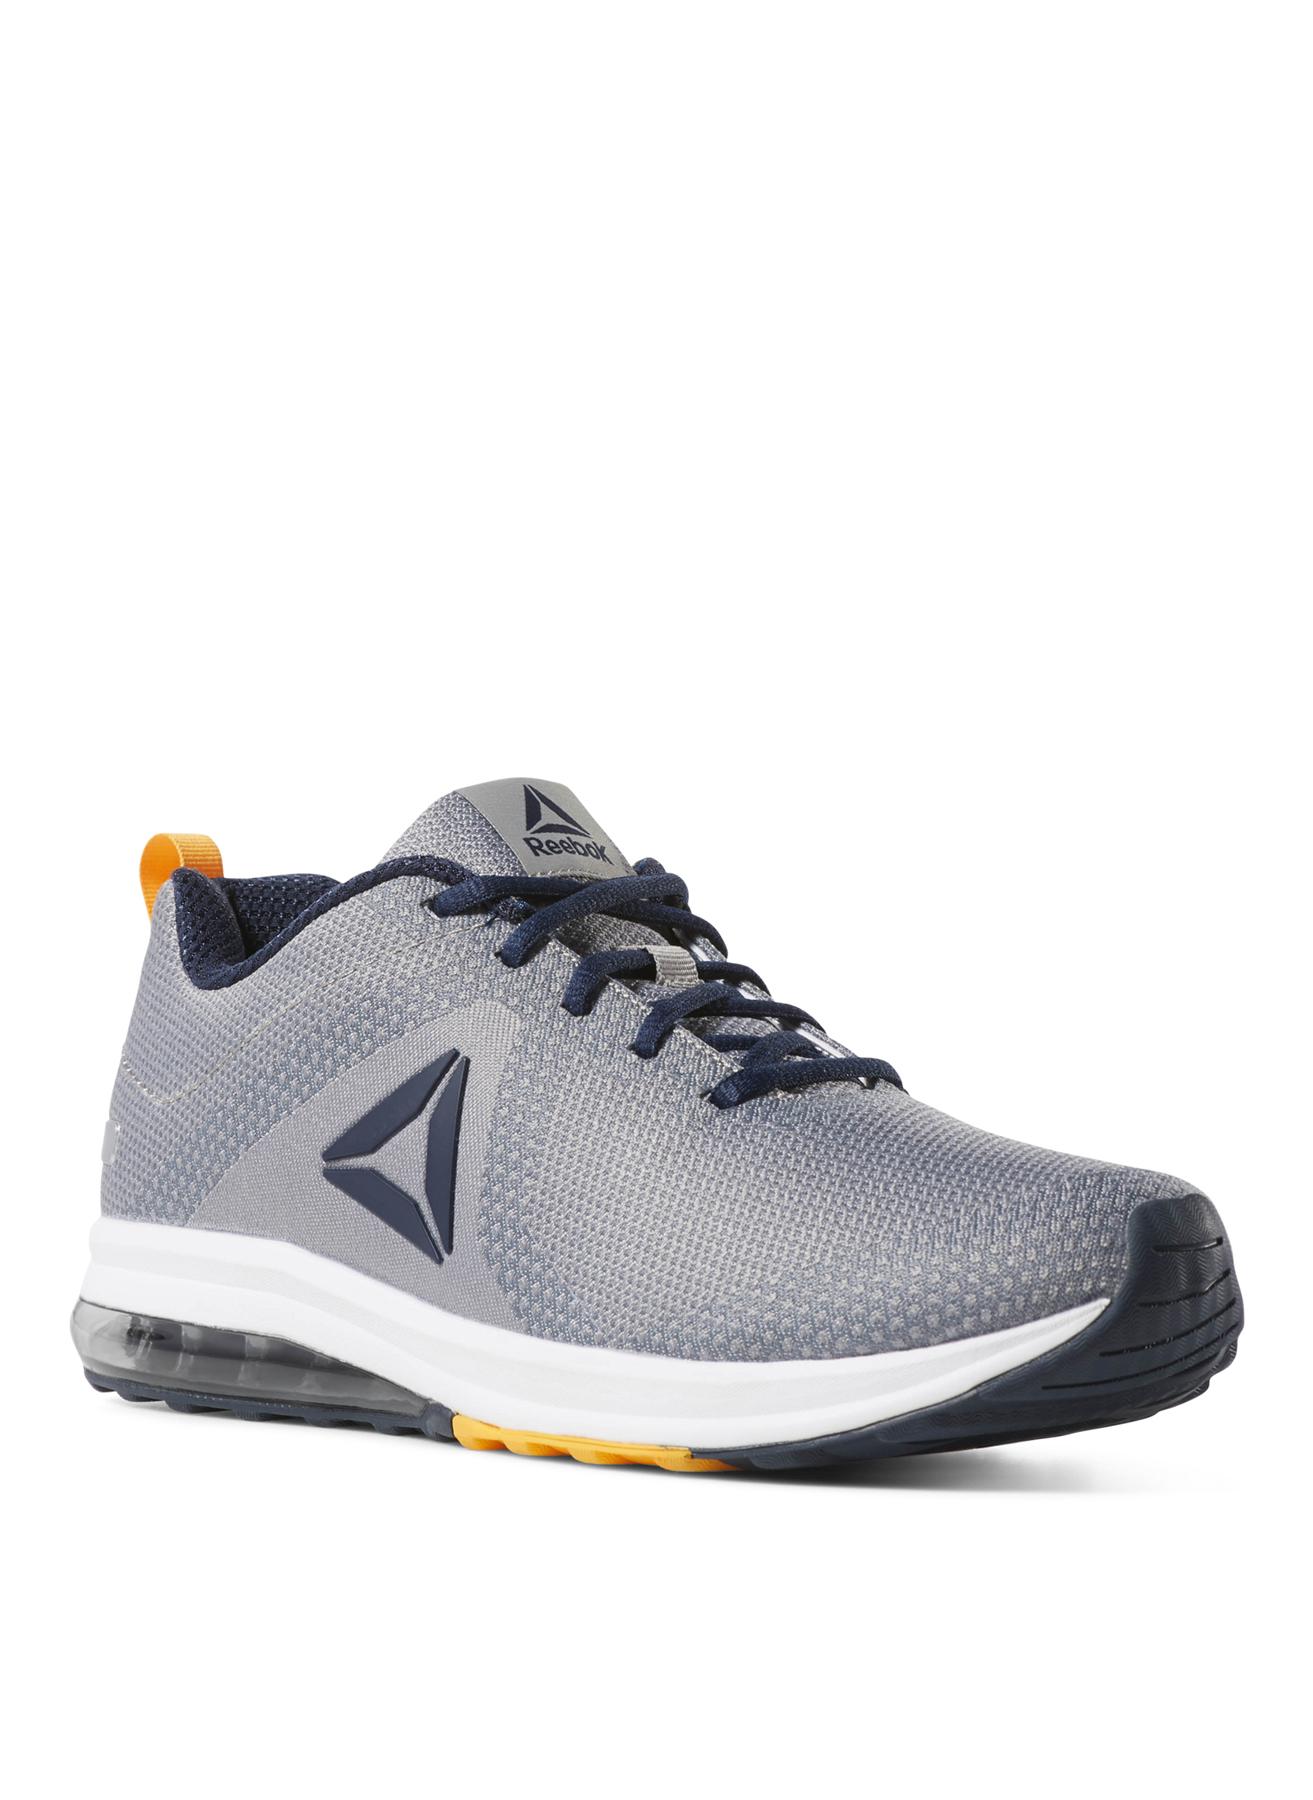 Reebok Koşu Ayakkabısı 40.5 5002359596006 Ürün Resmi